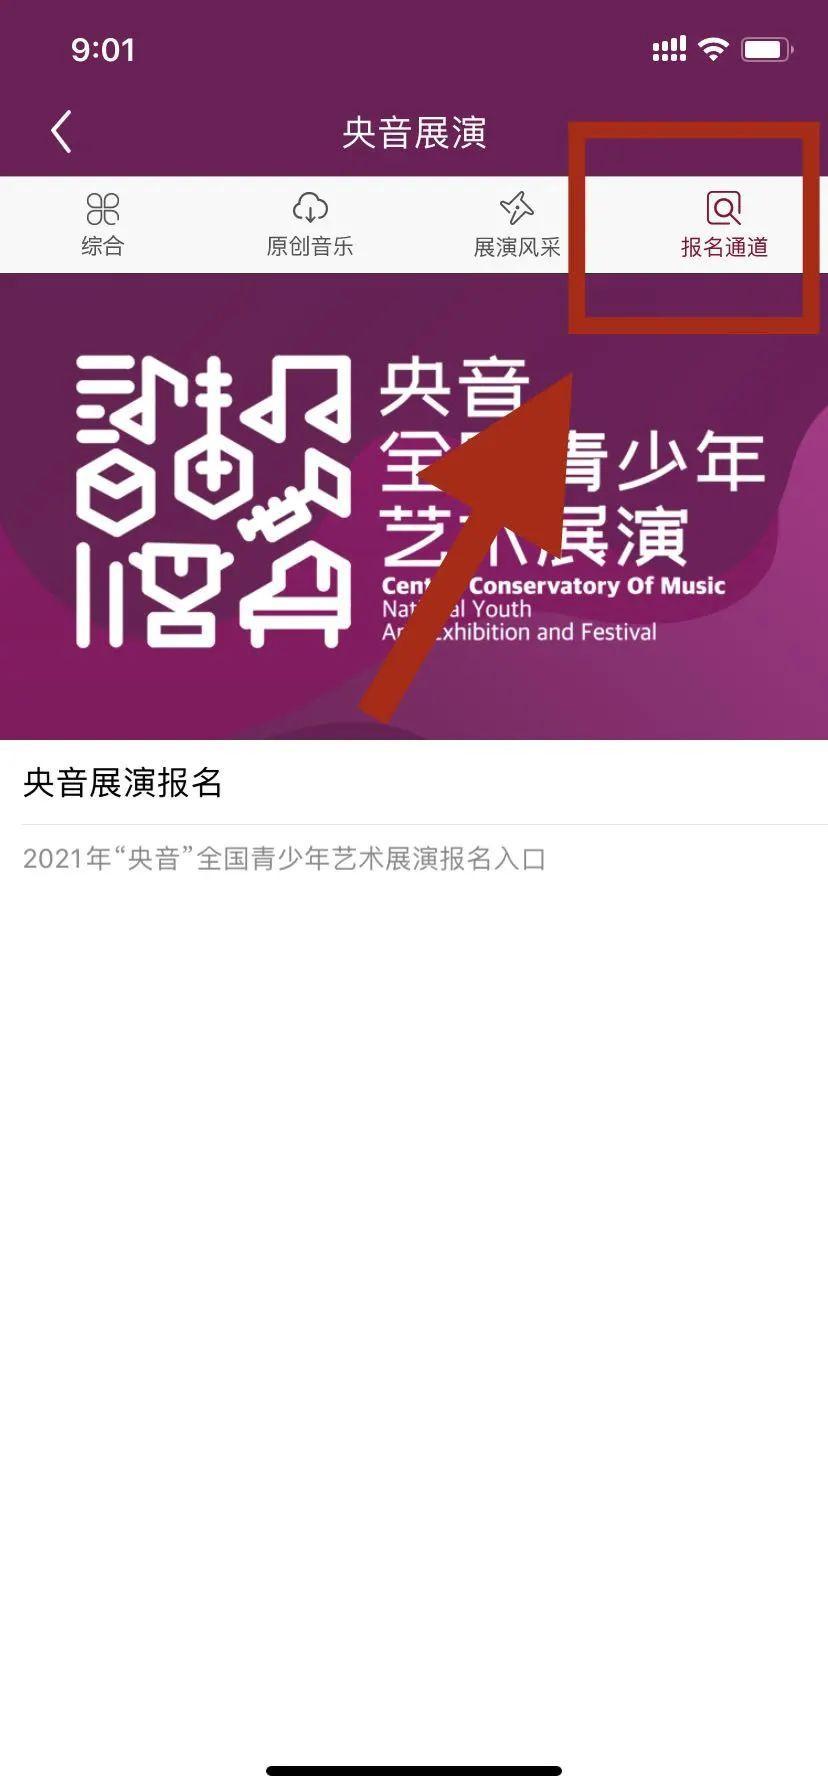 """2021年第五届 """"央音""""全国青少年艺术展演重庆市总展演 第25张"""